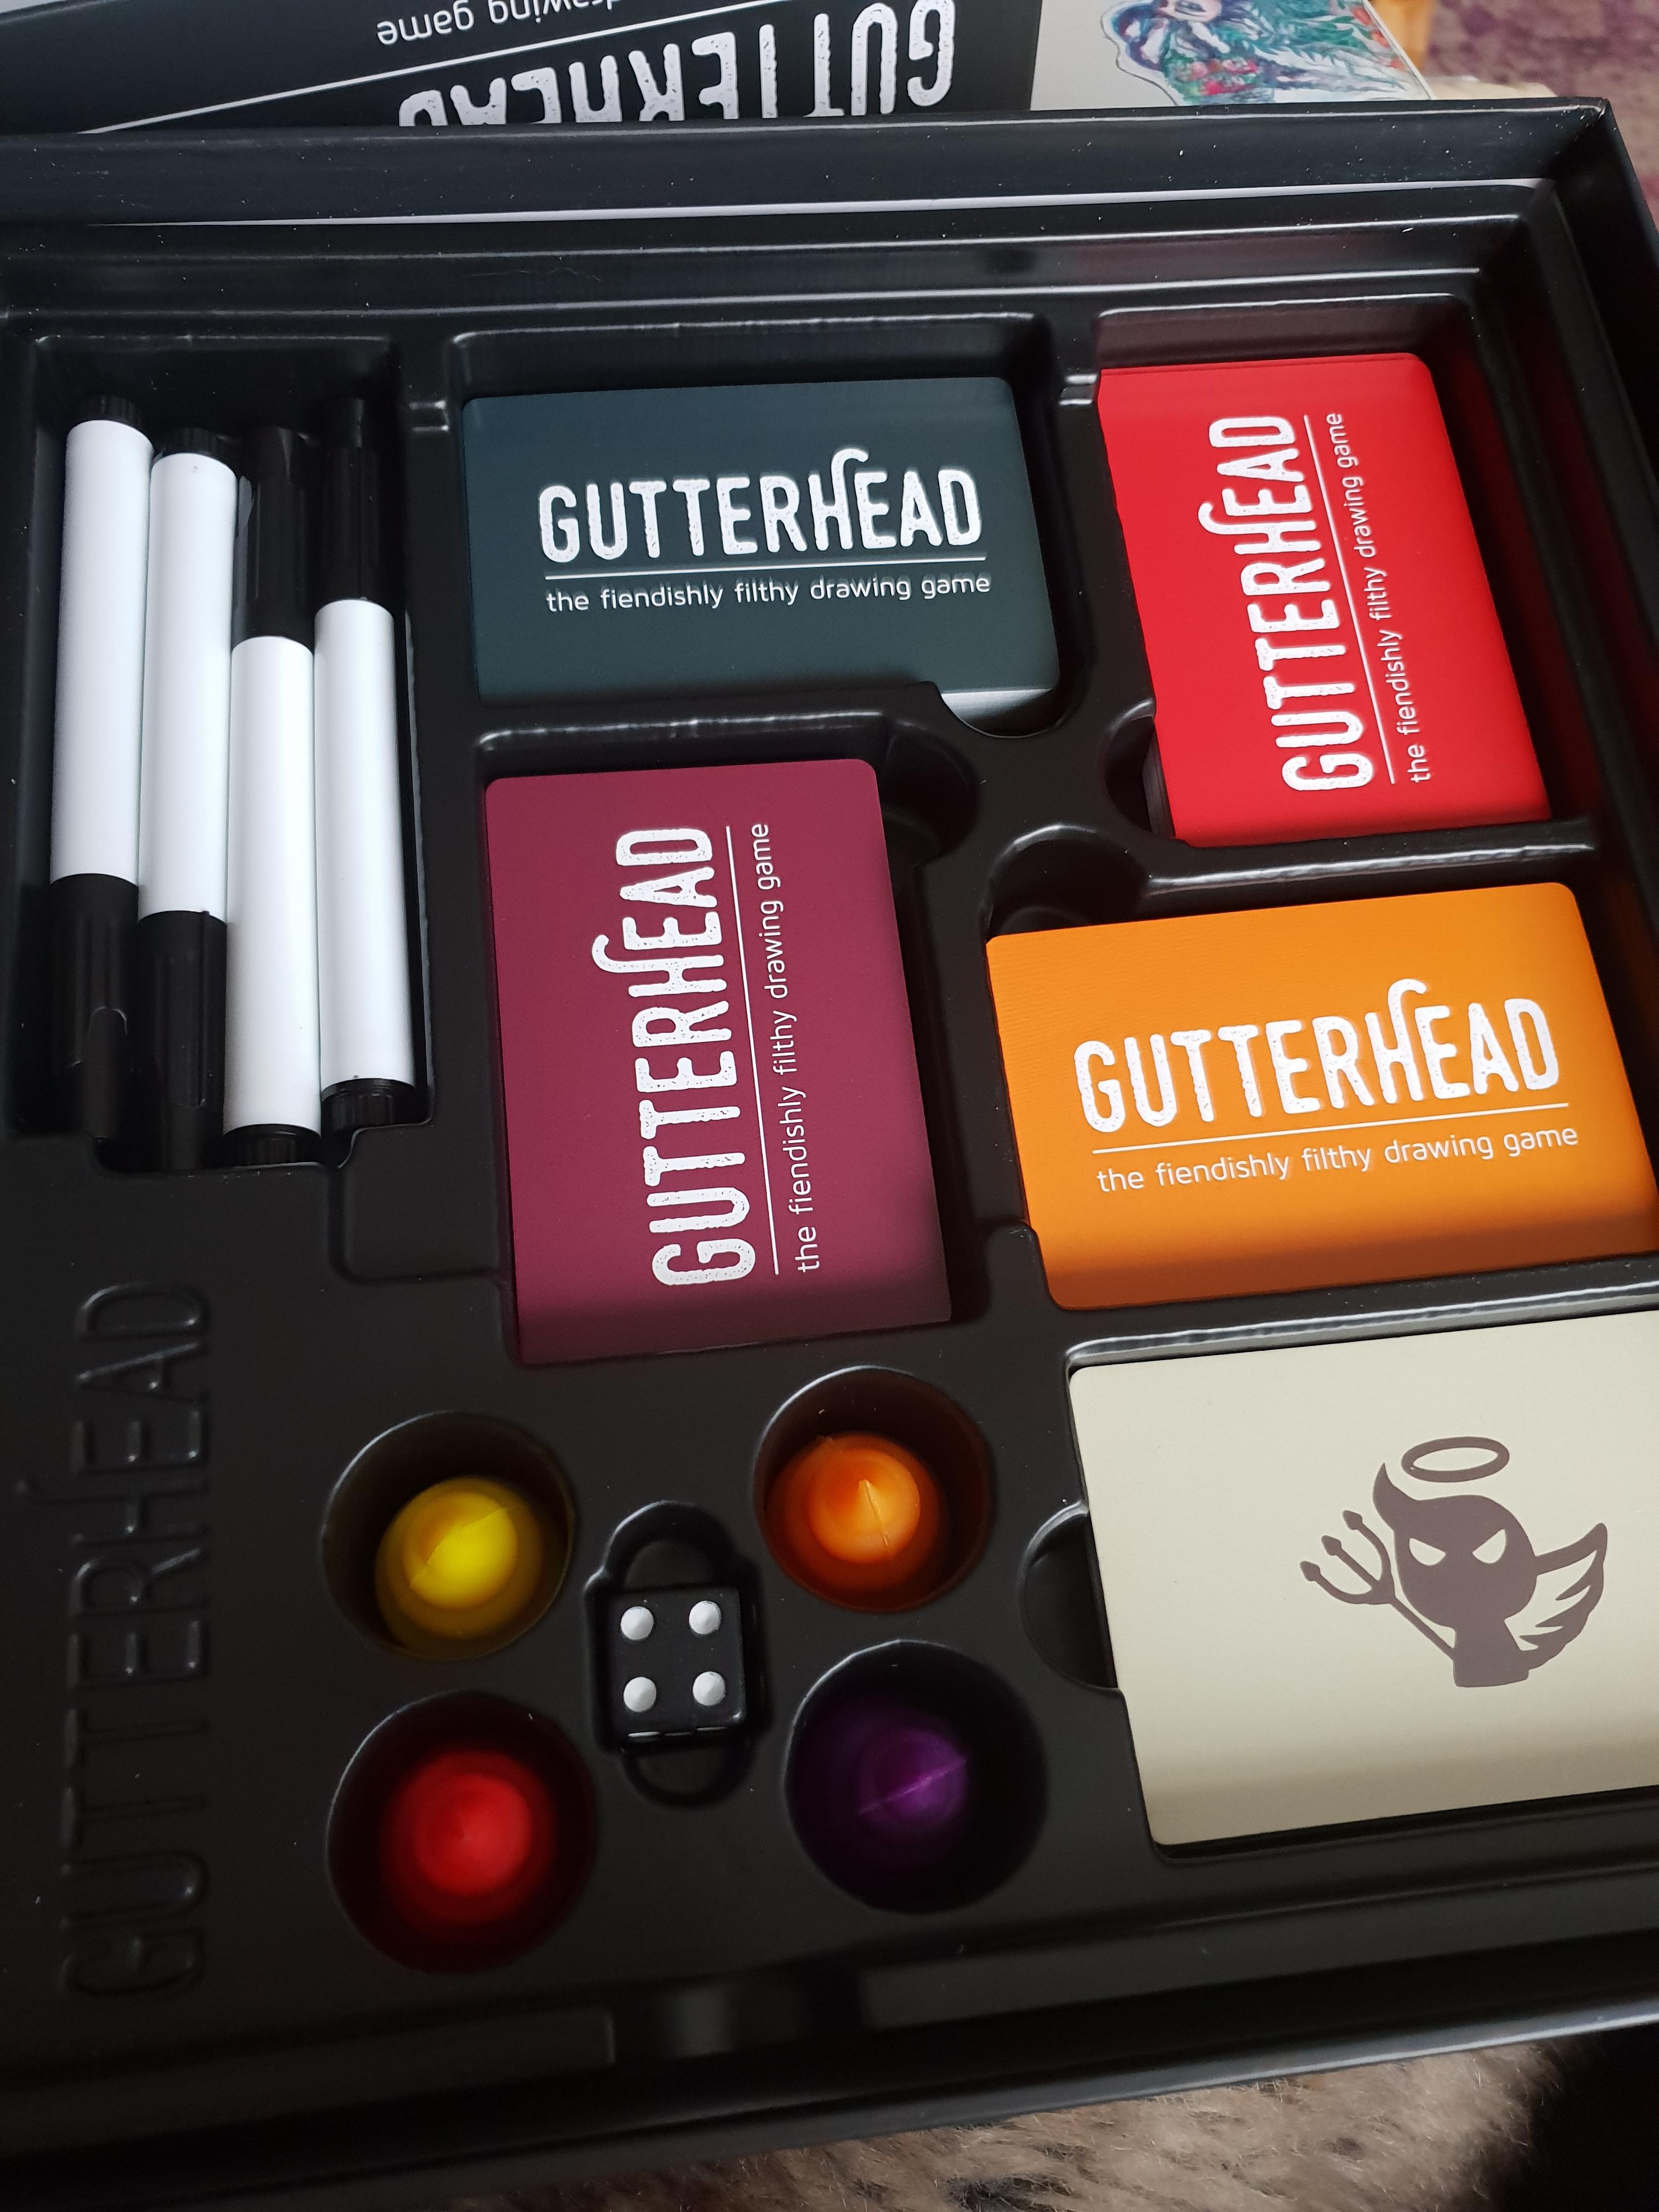 Gutterhead box contents